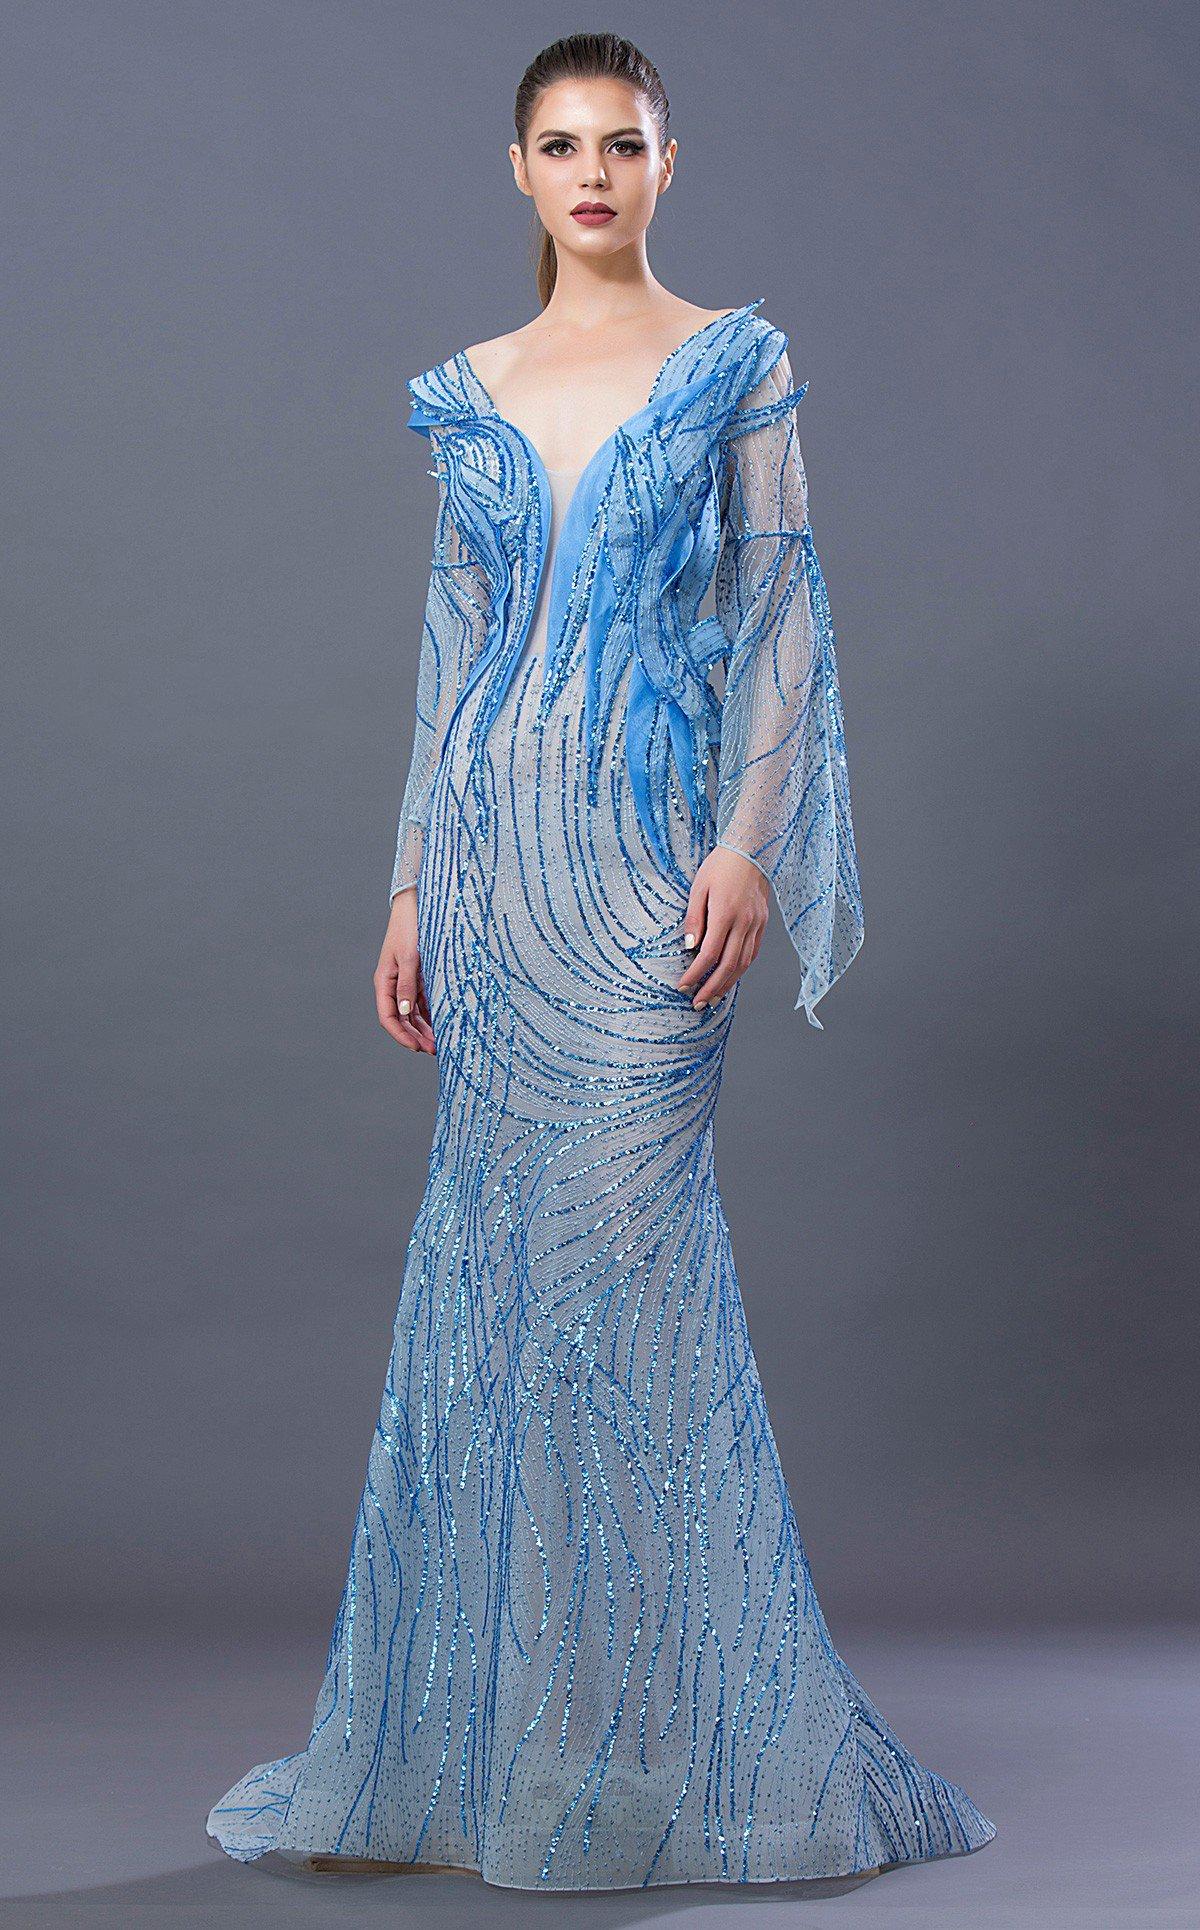 MNM COUTURE - K3657 Embellished Plunging V-neck Trumpet Dress